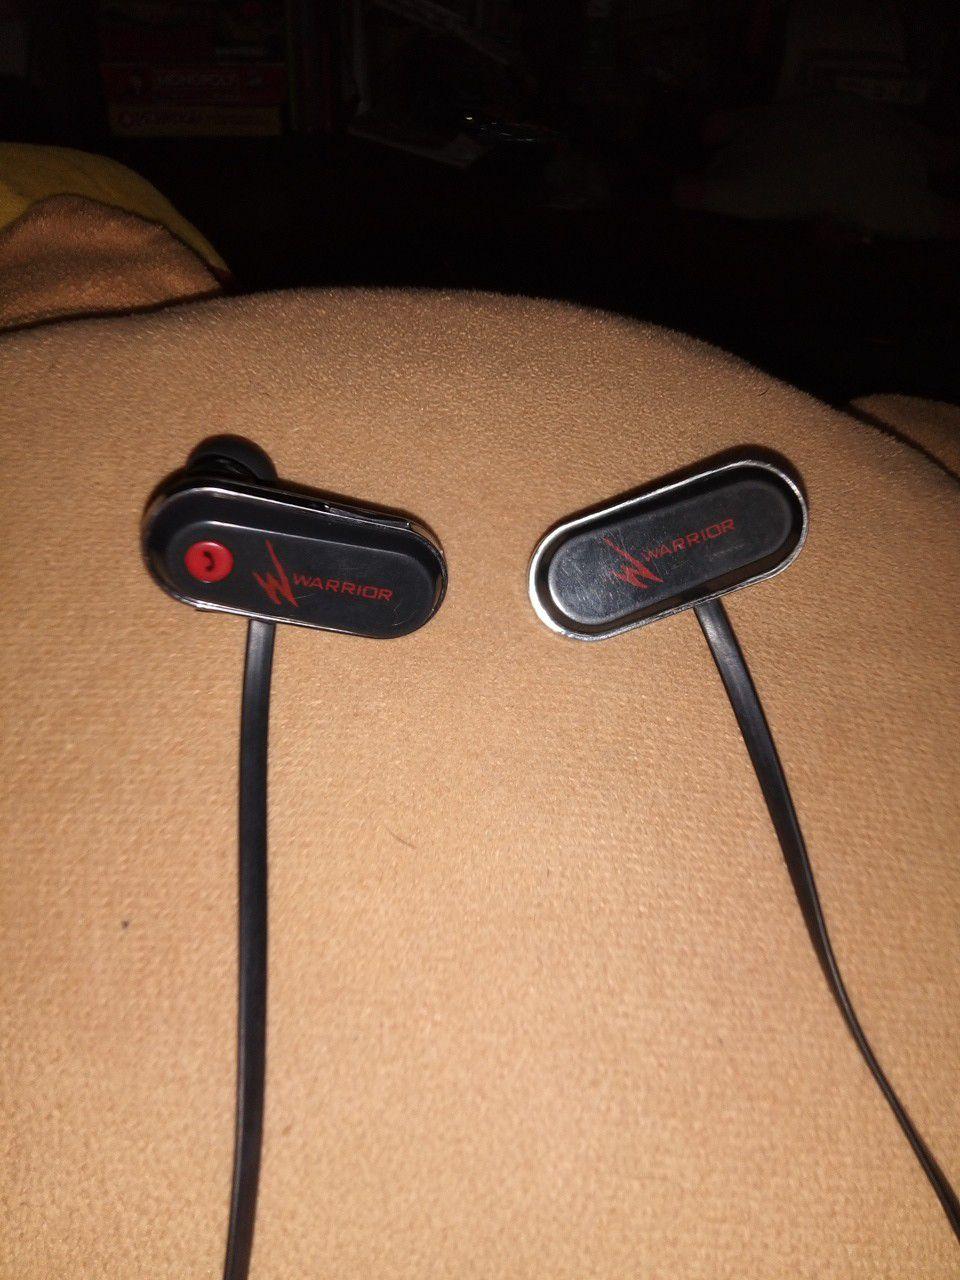 Warrior Bluetooth Earbuds